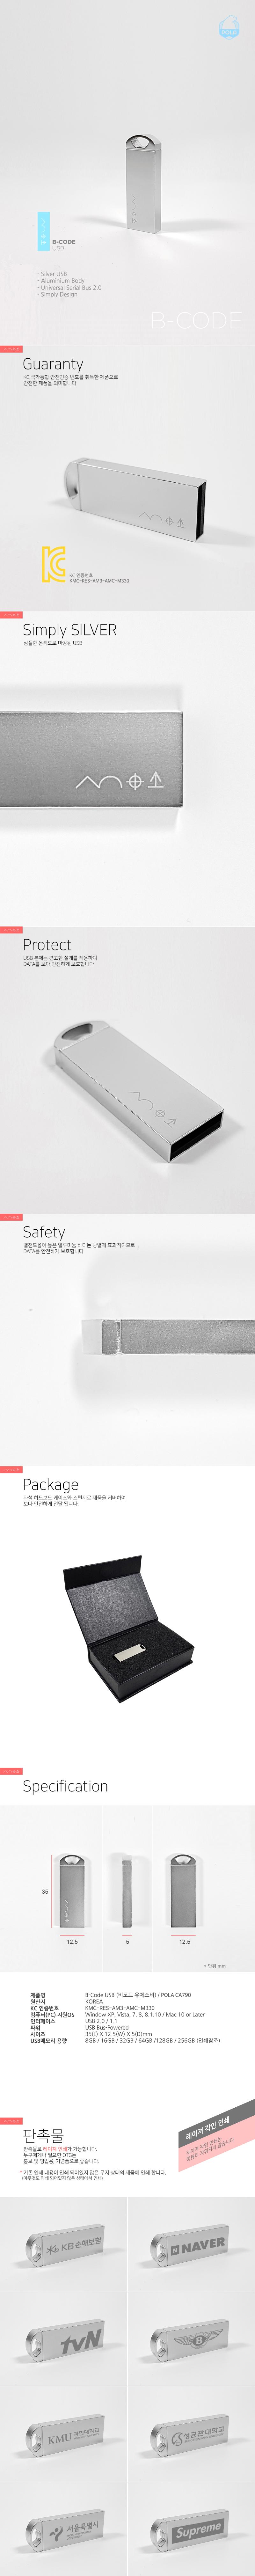 폴라(POLA) CA790 USB B-CODE 64G - 매머드, 11,600원, 일반형 USB 메모리, USB 32G이상